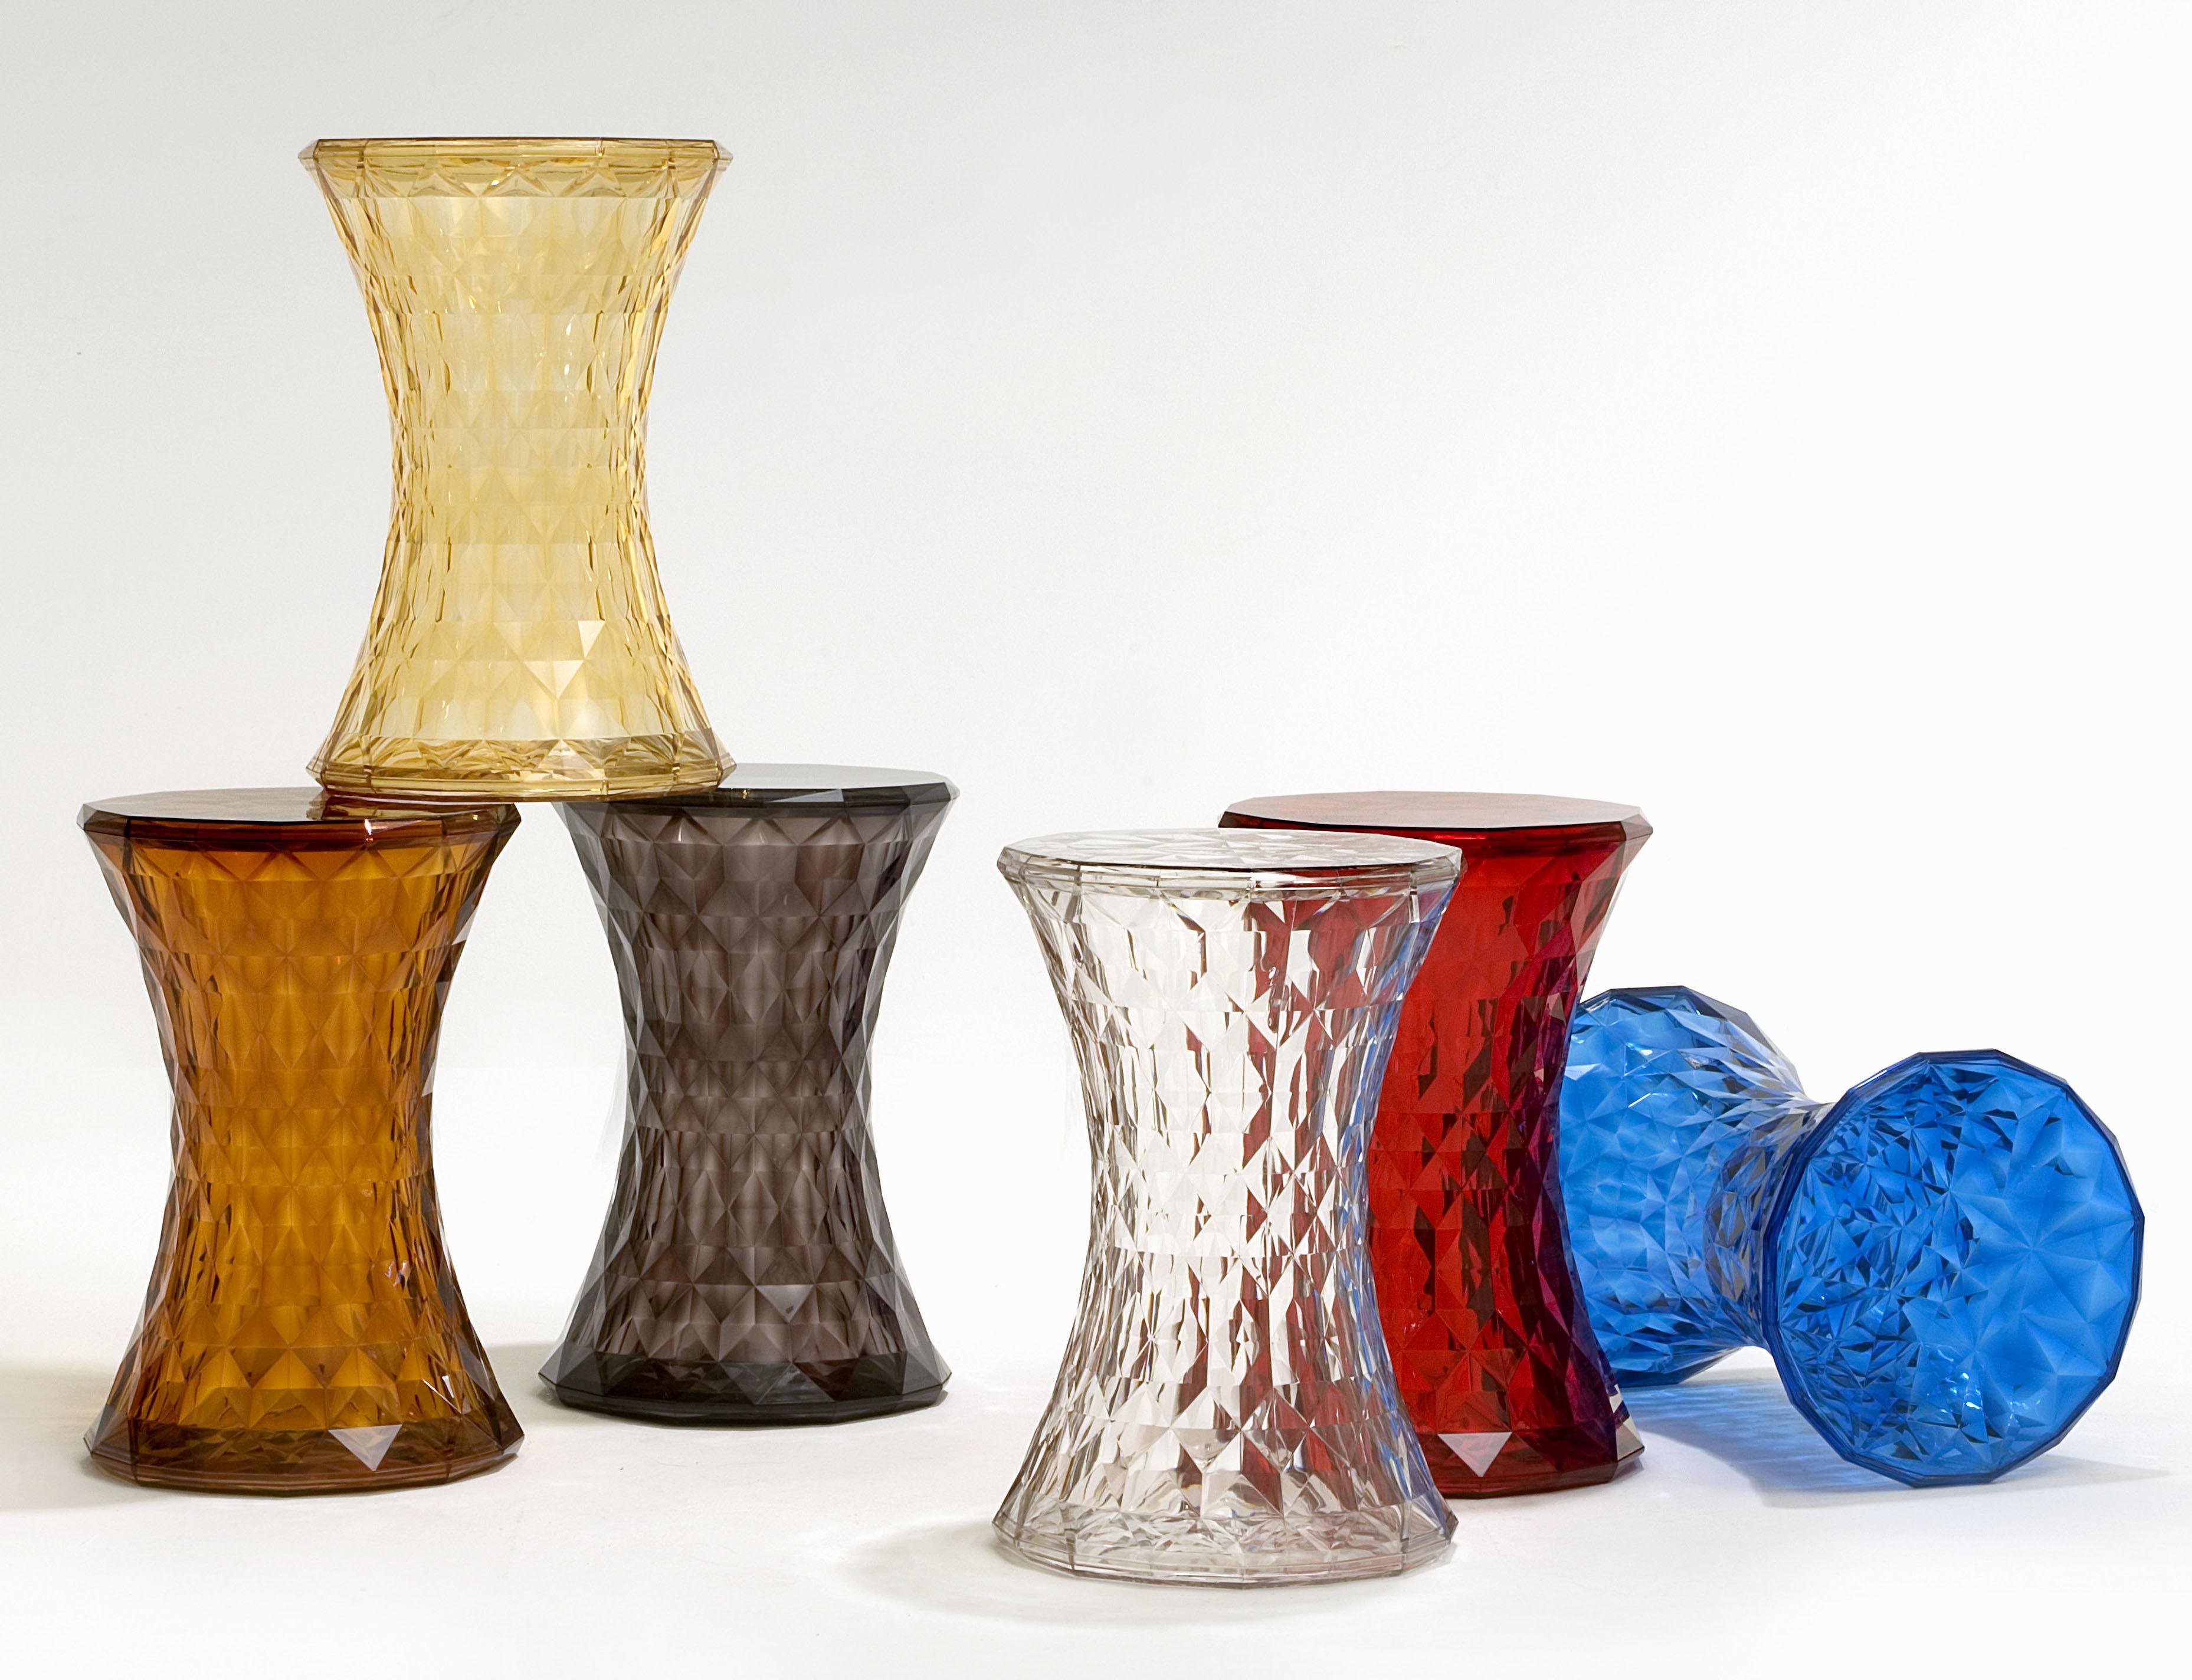 Scopri sgabellino stone trasparente di kartell made in design italia